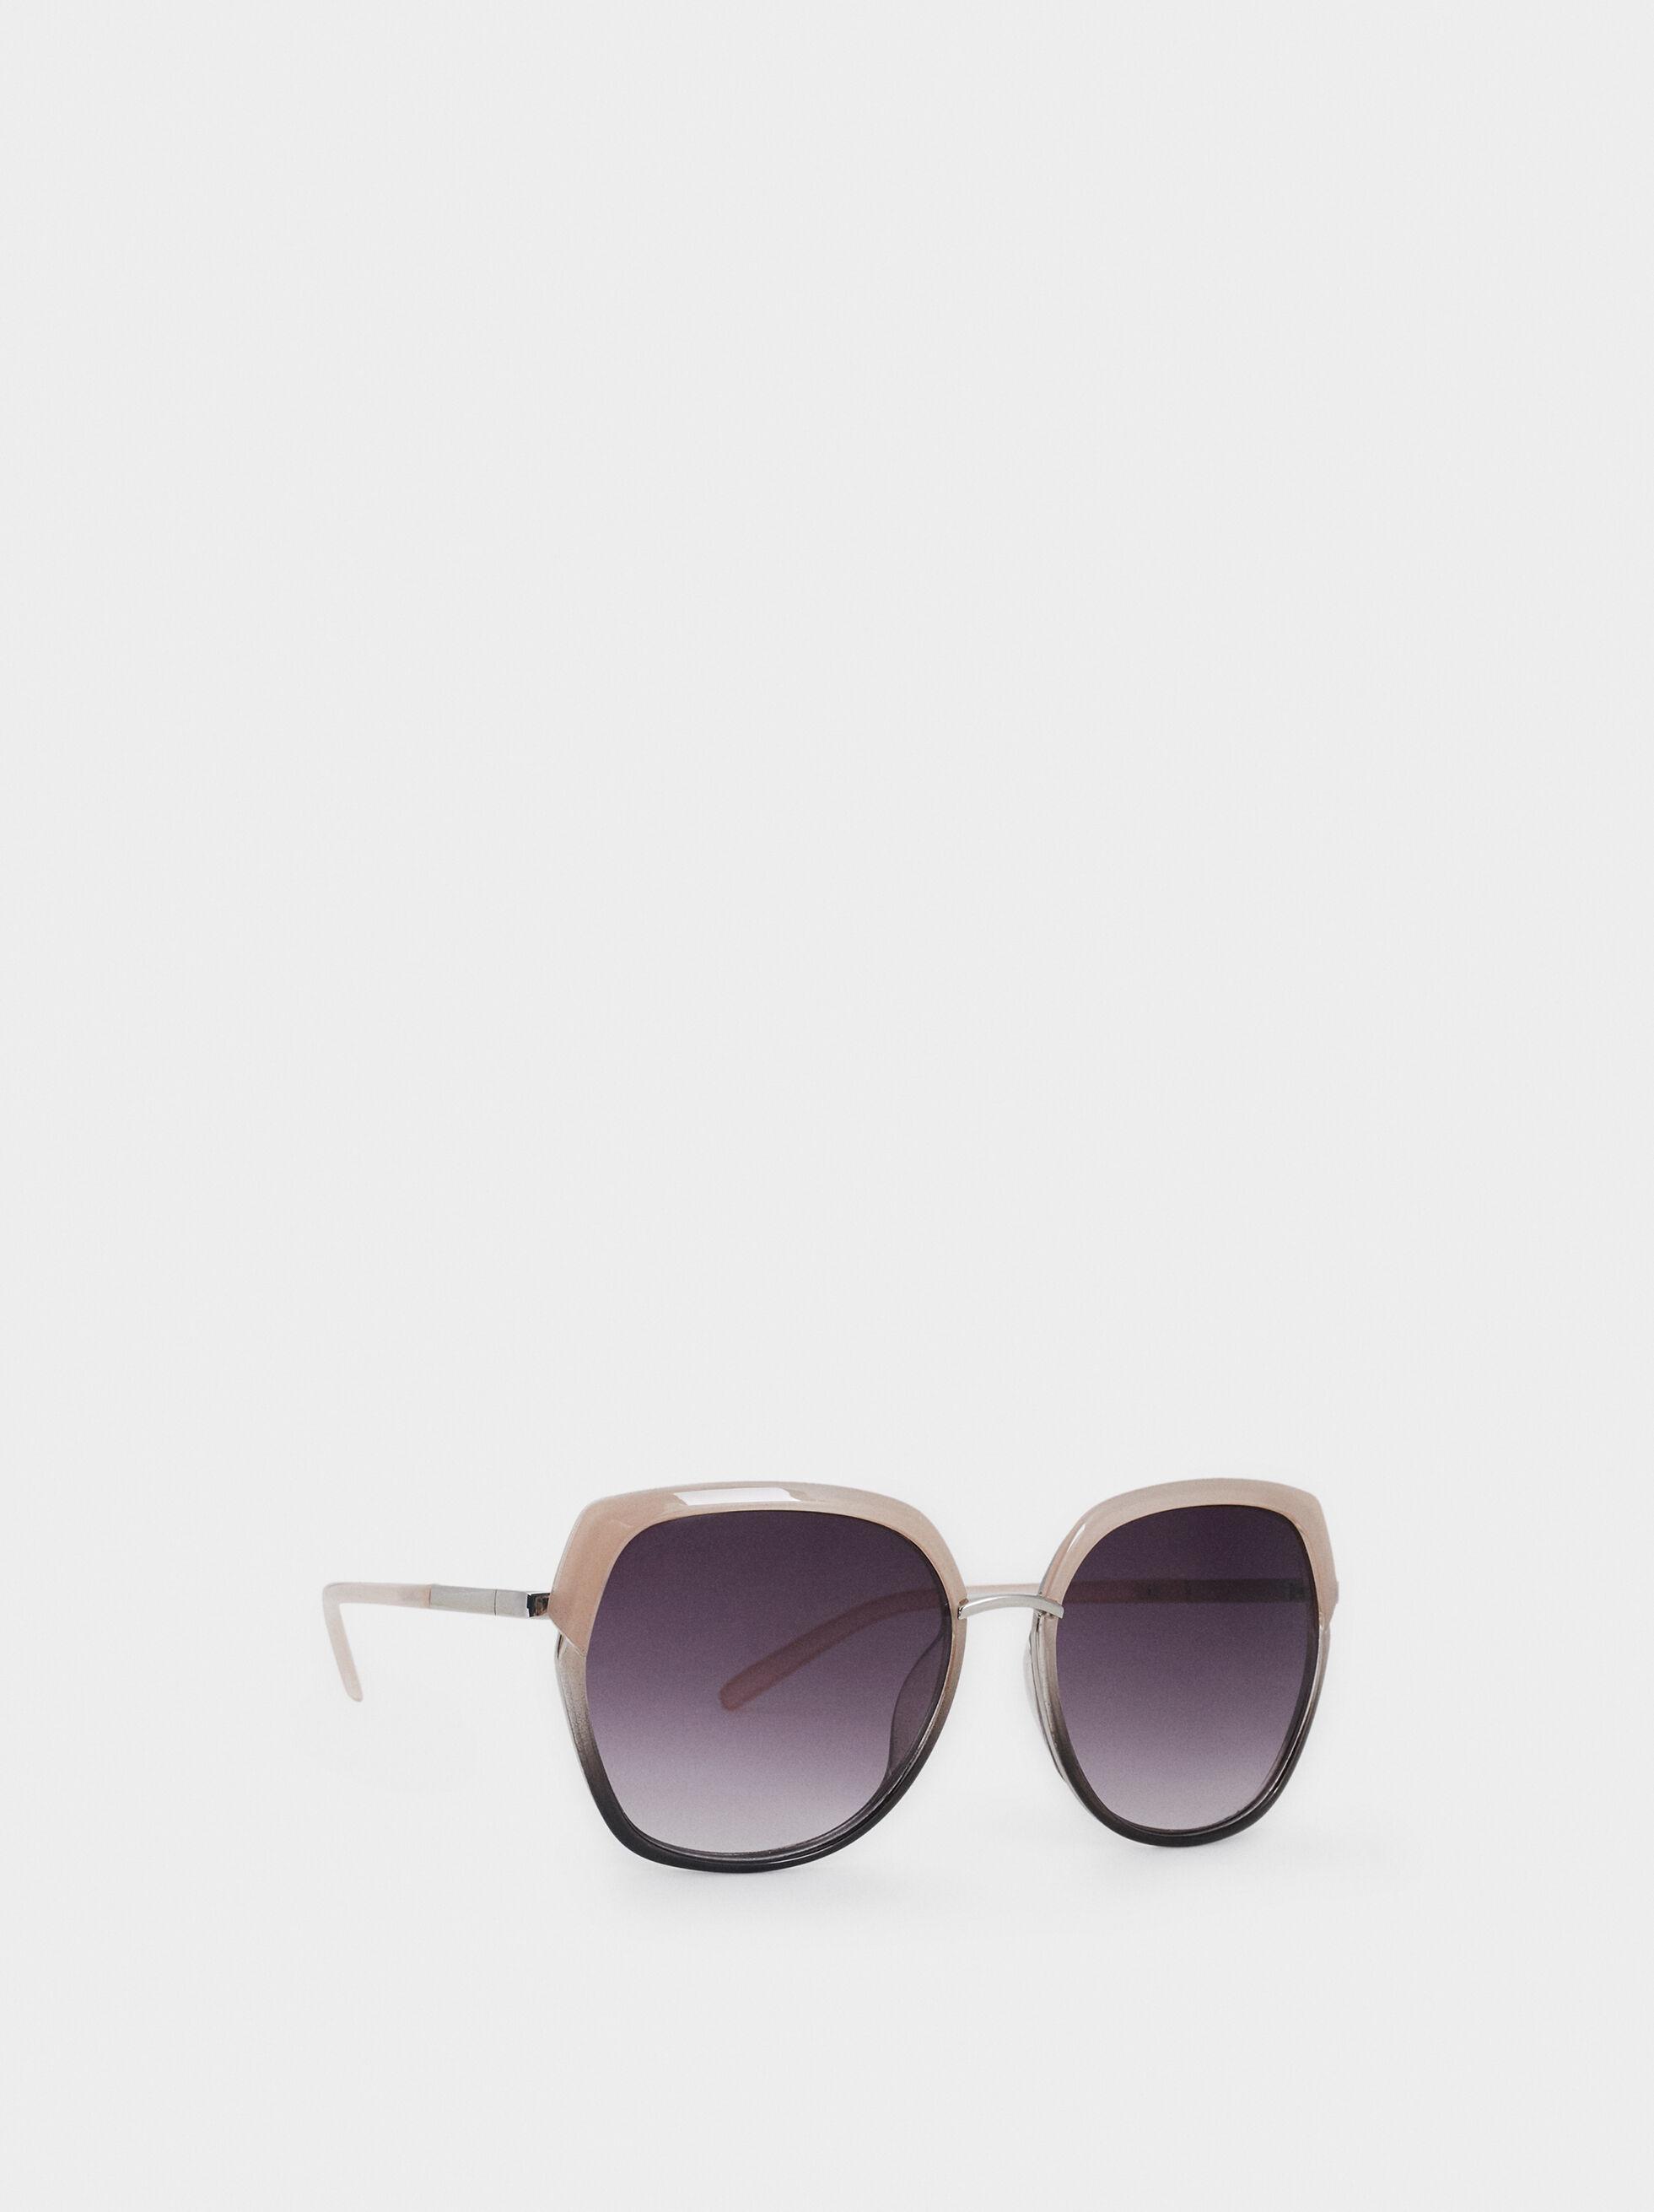 Resin Sunglasses, Pink, hi-res